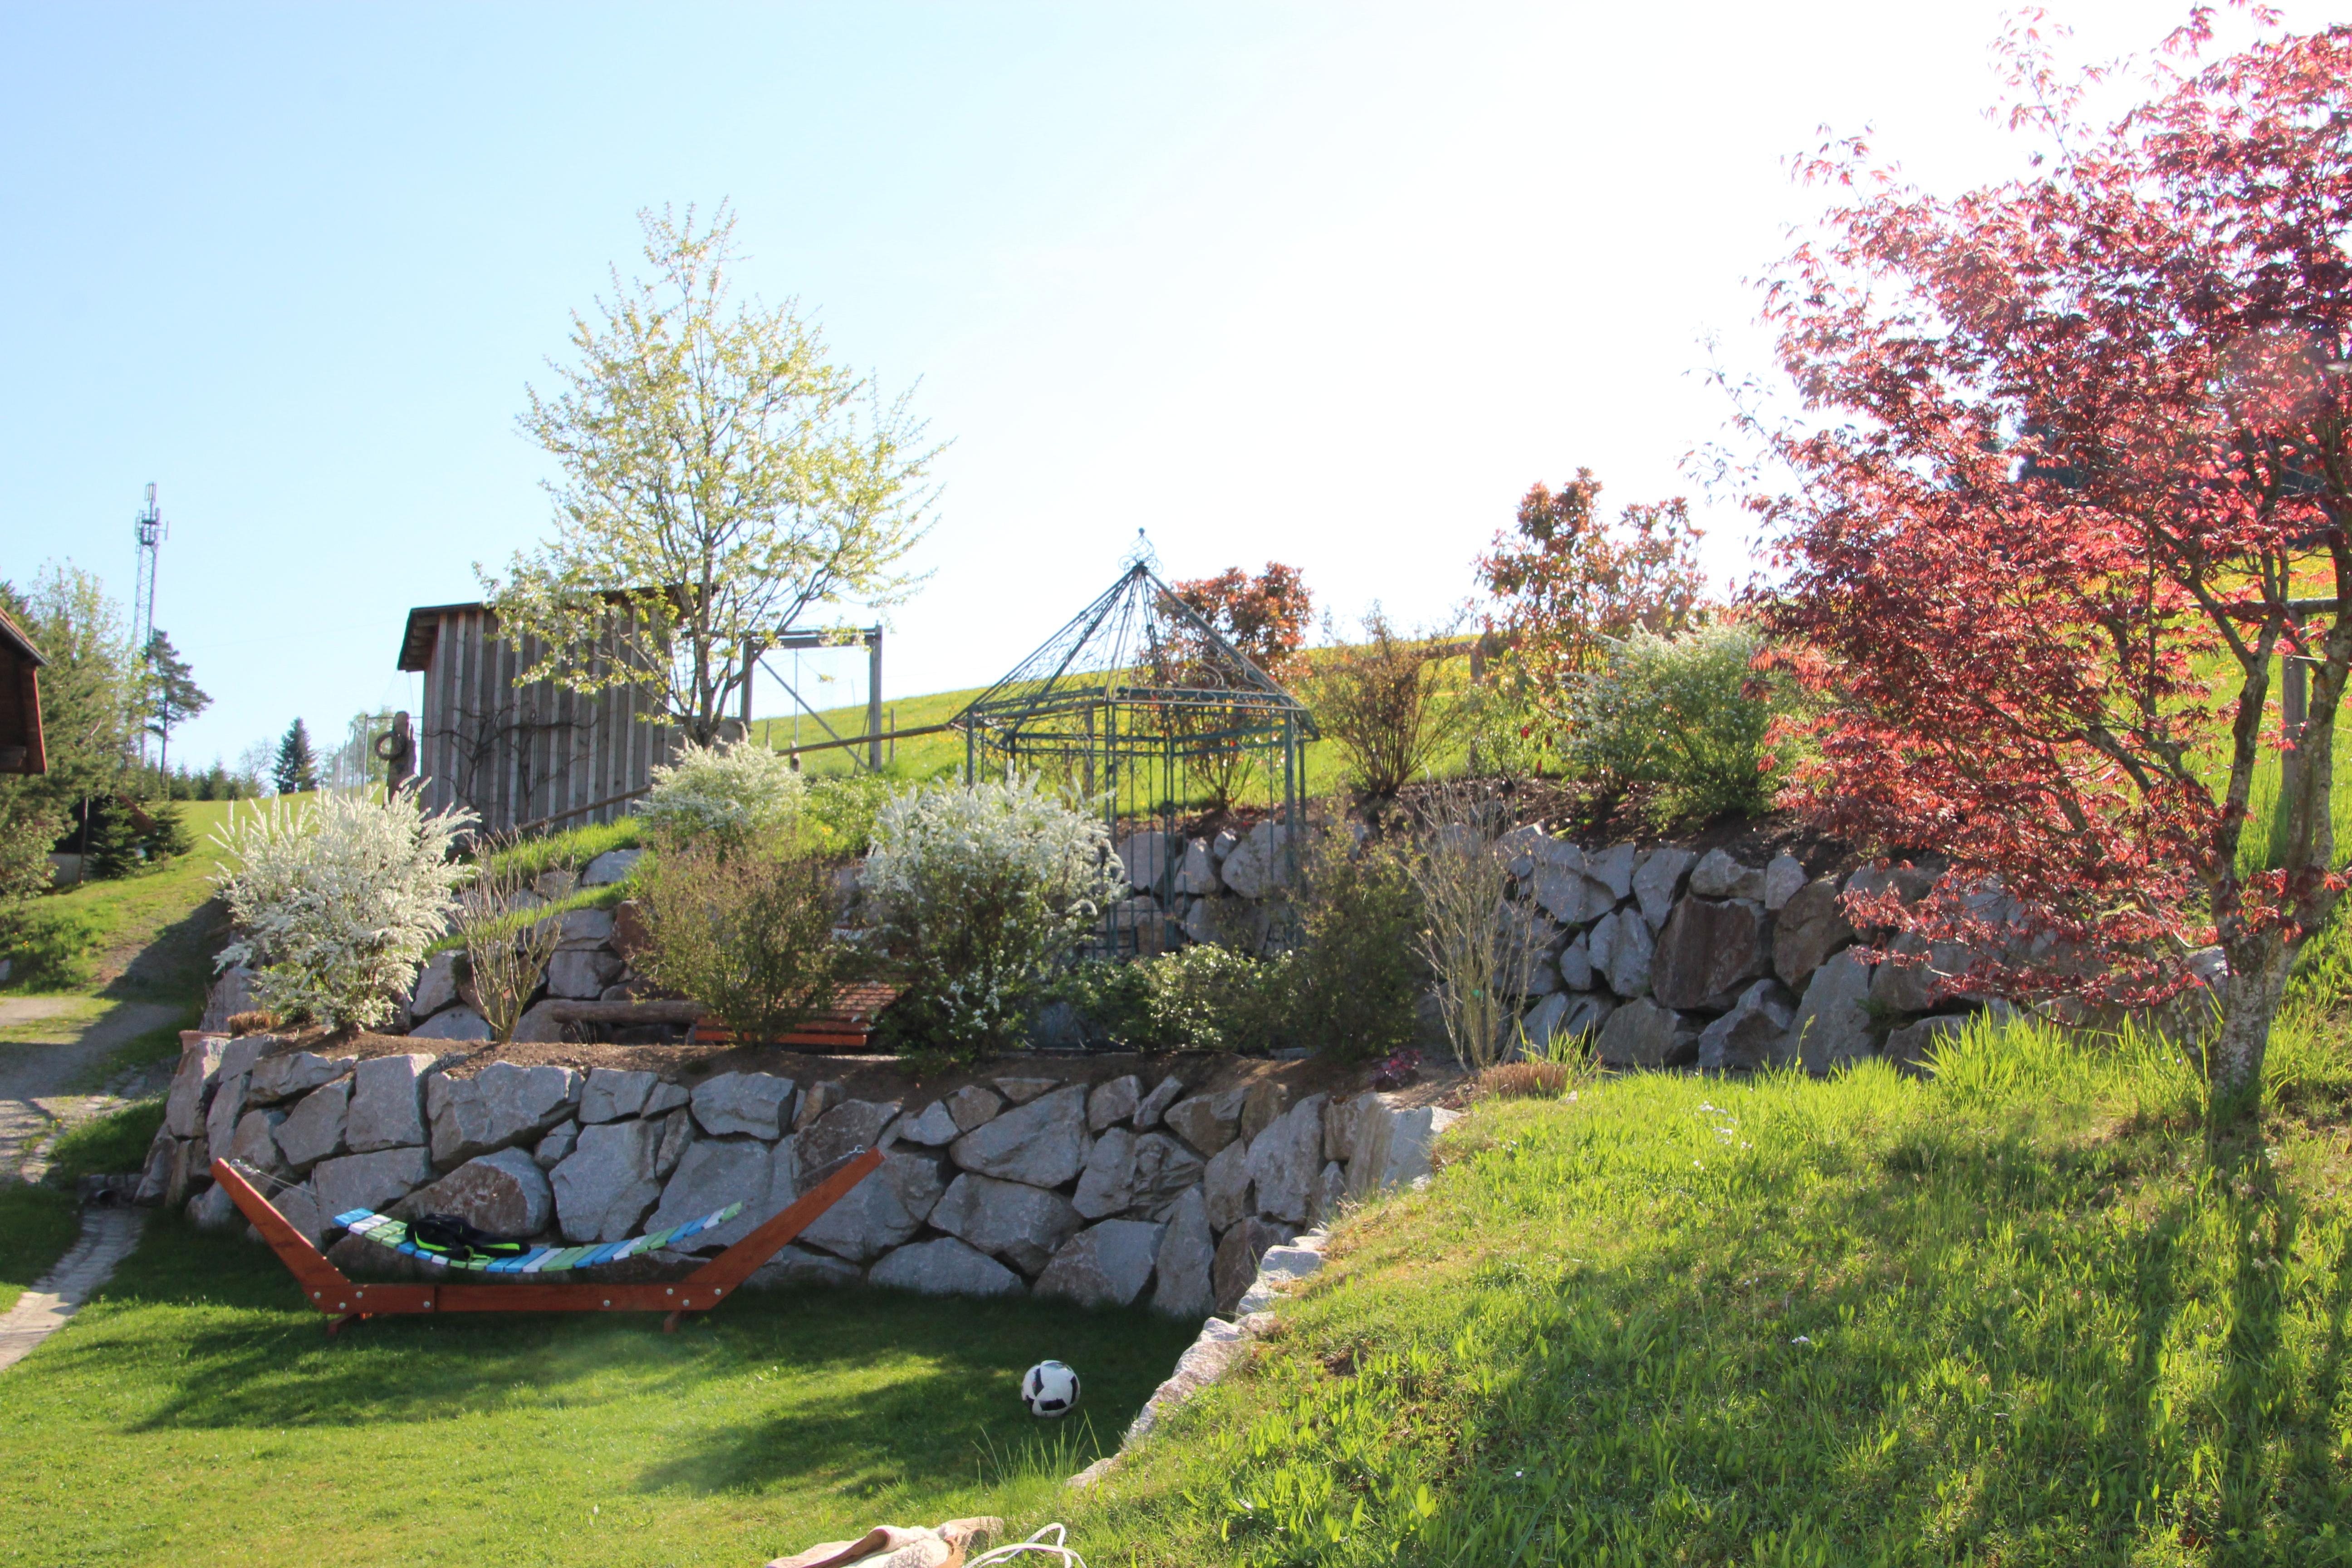 Garten mit Hühnerhof